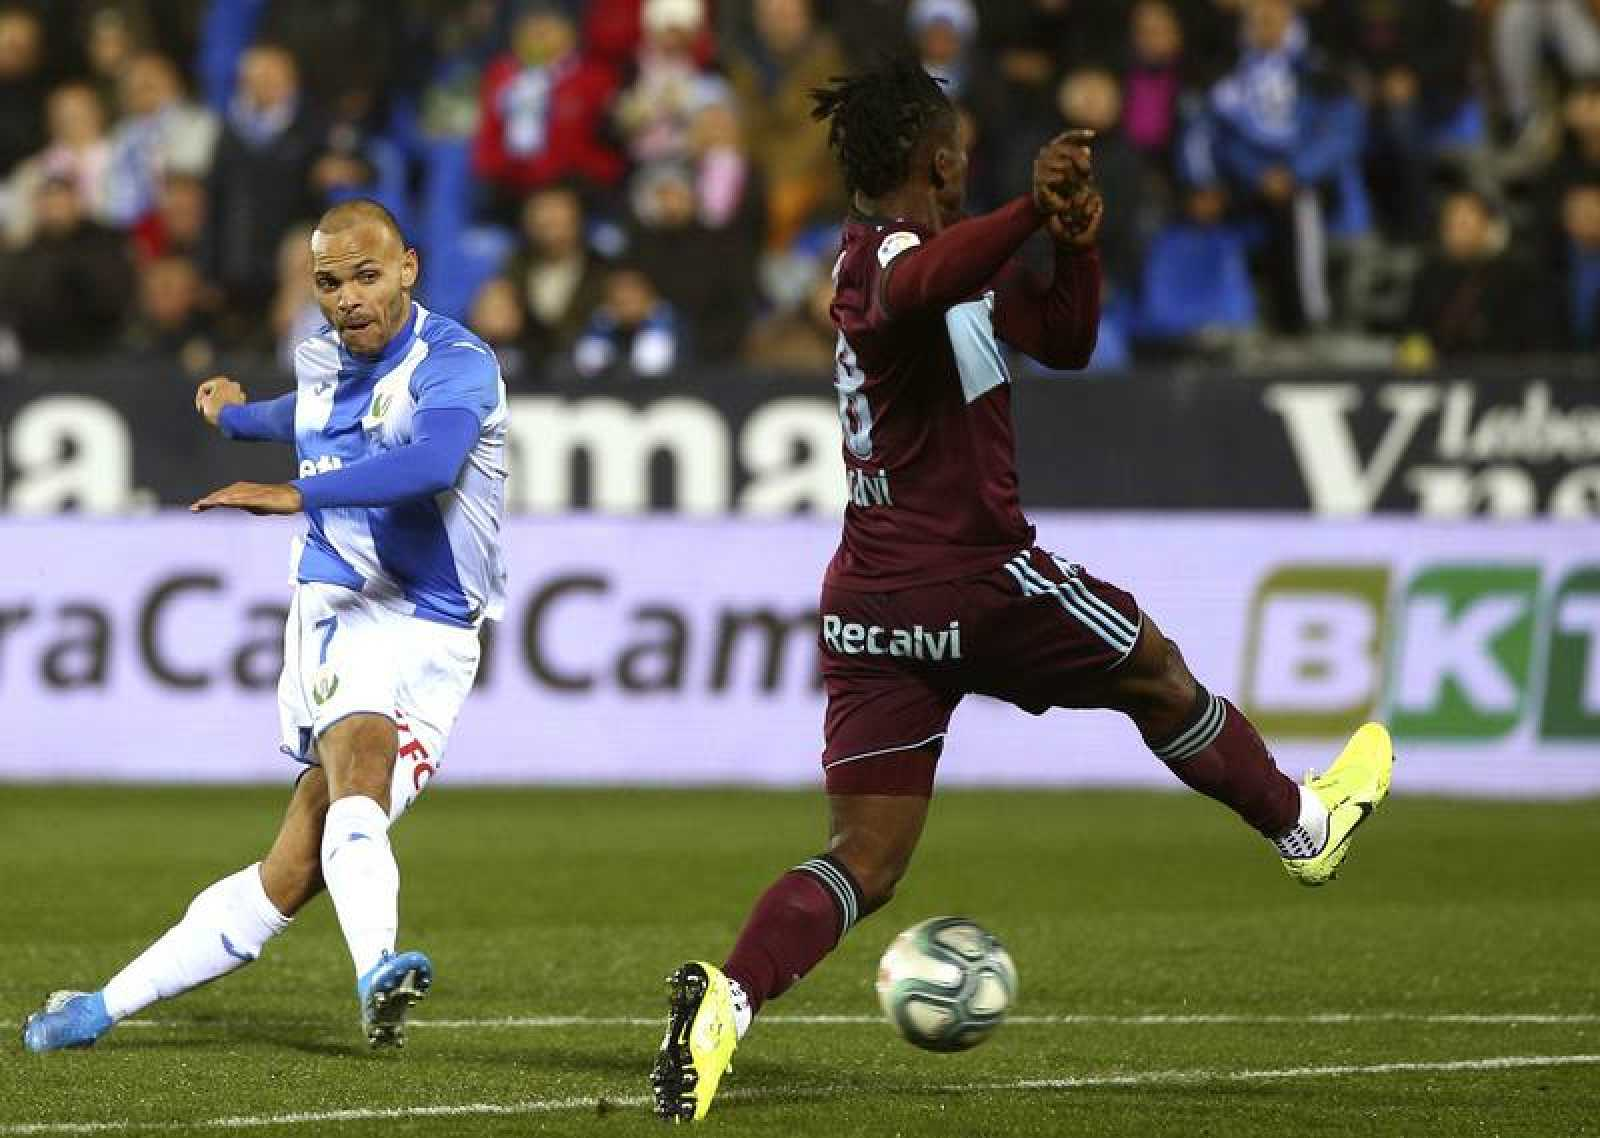 El delantero del Leganés Martin Braithwaite (i) golpea el balón ante la defensa del jugador del Celta de Vigo Joseph Aidoo